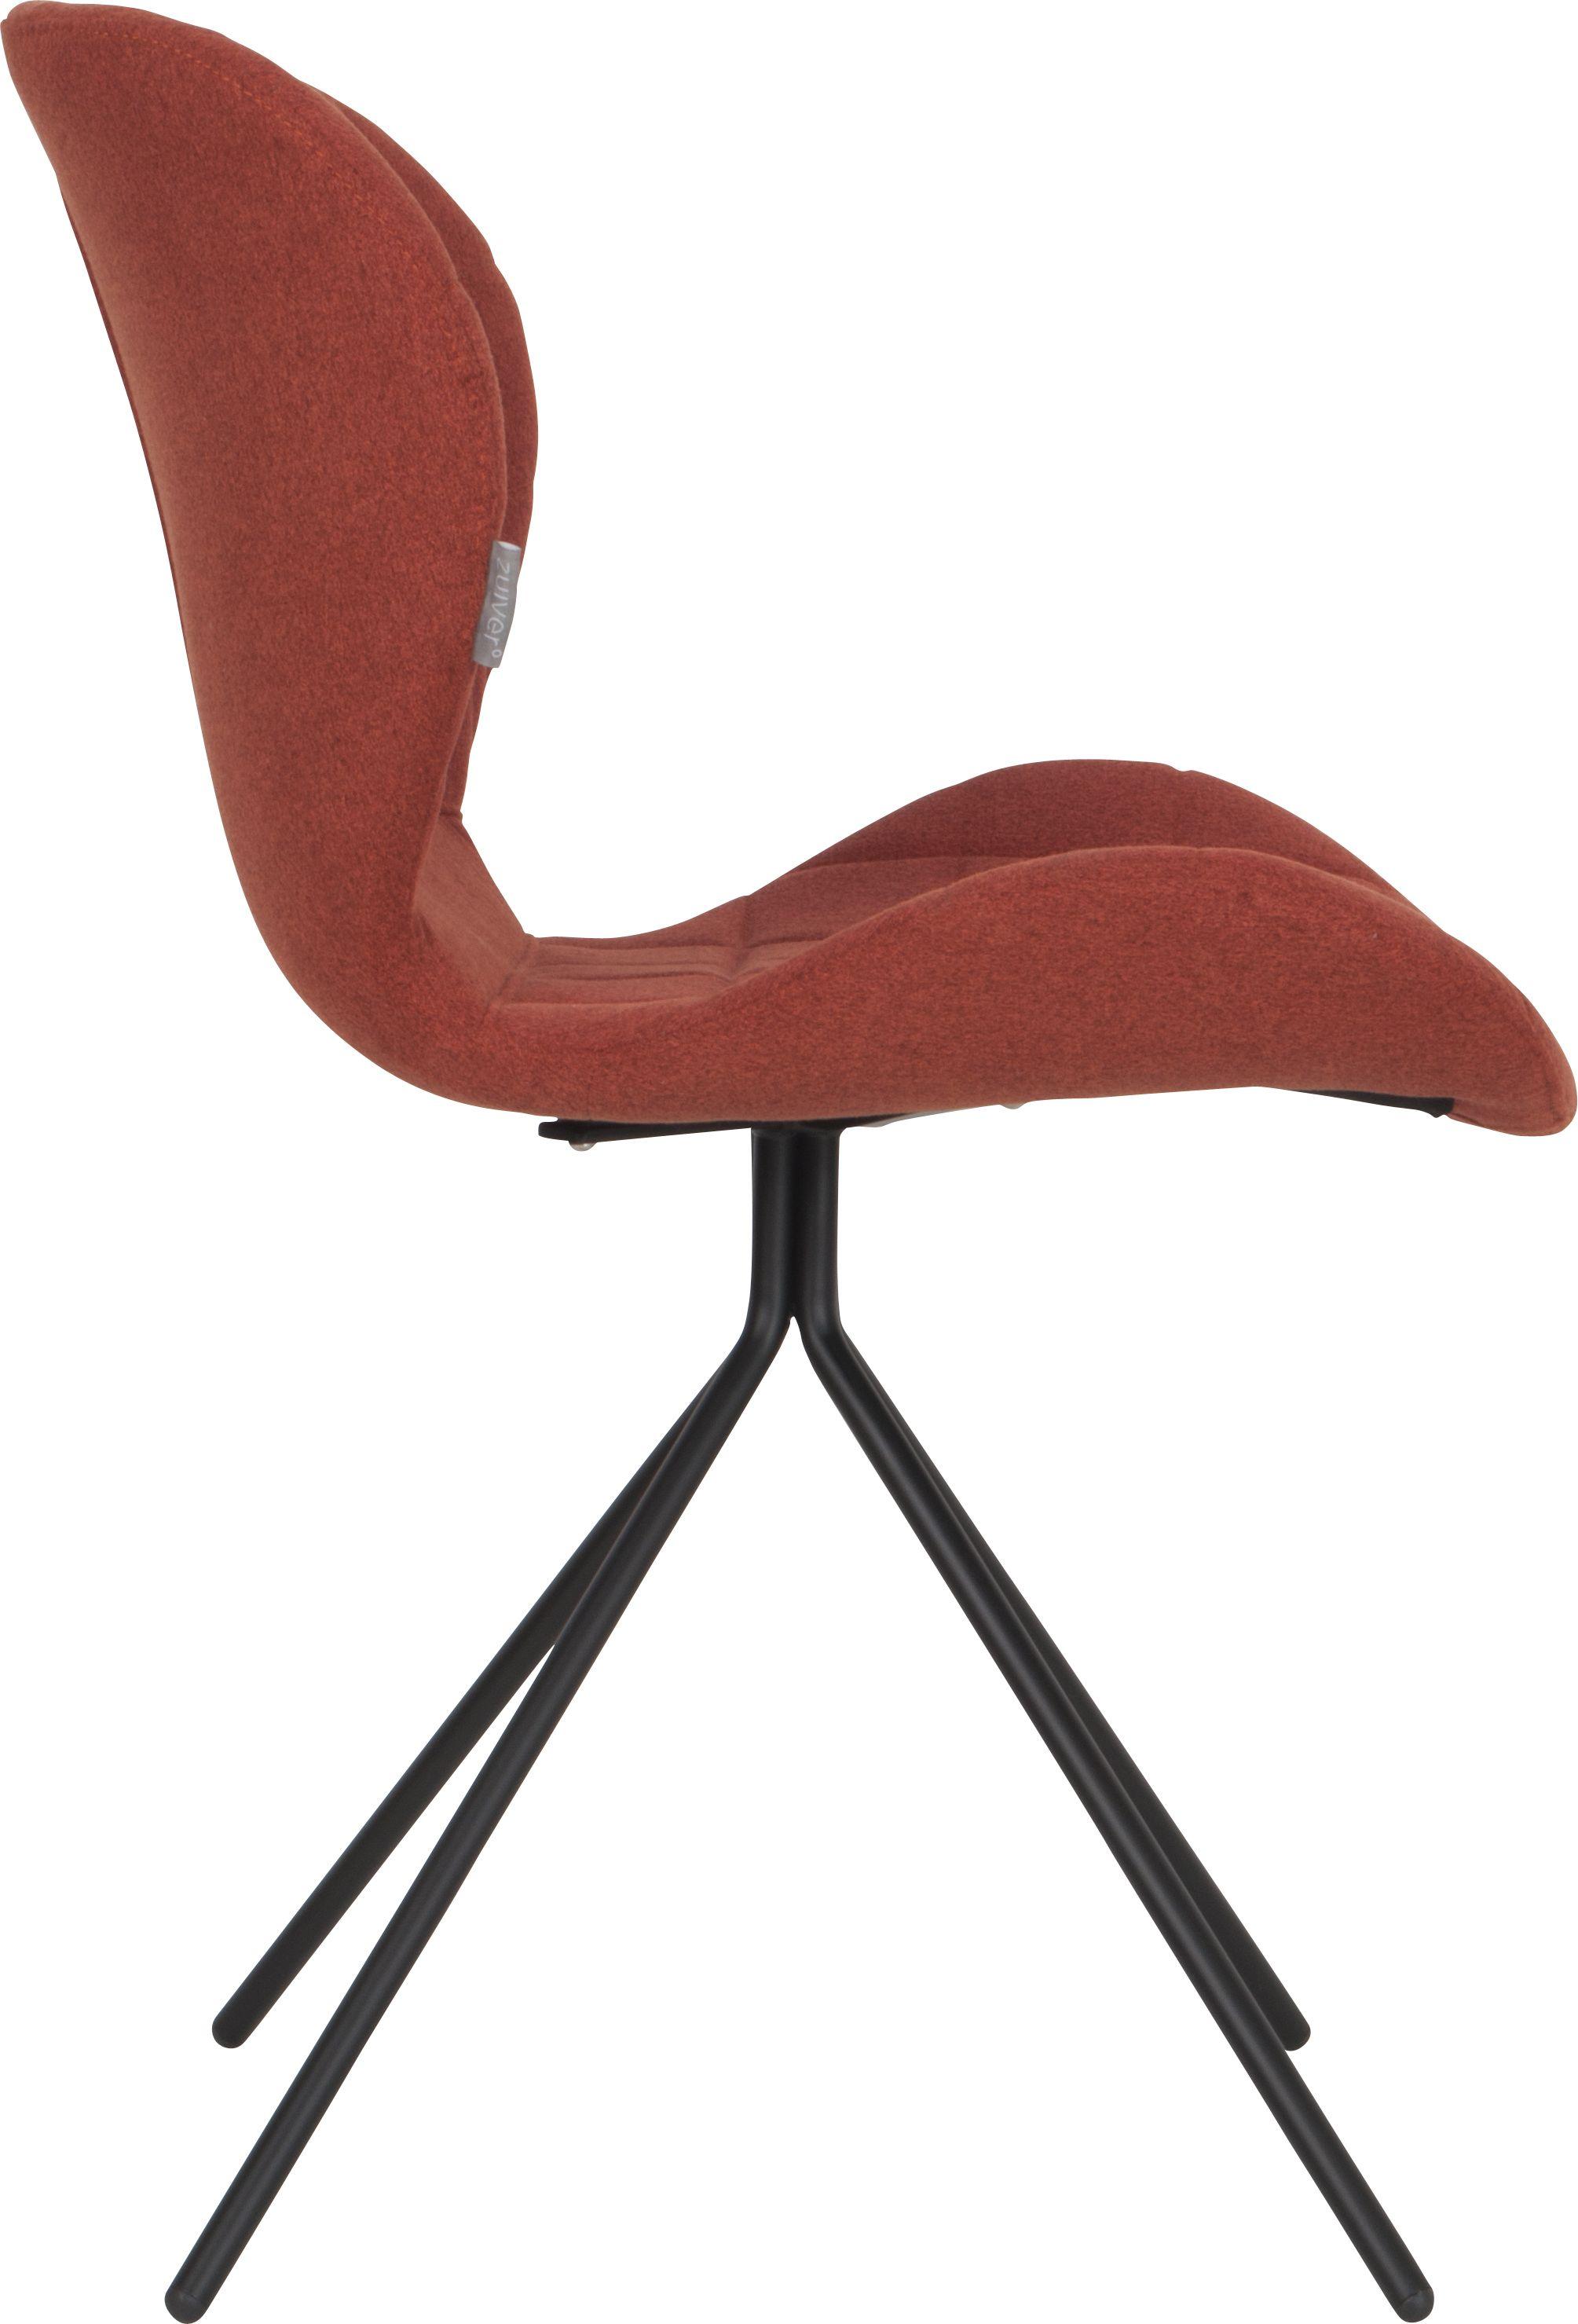 Omg chair orange chair chaise stuhl stoel